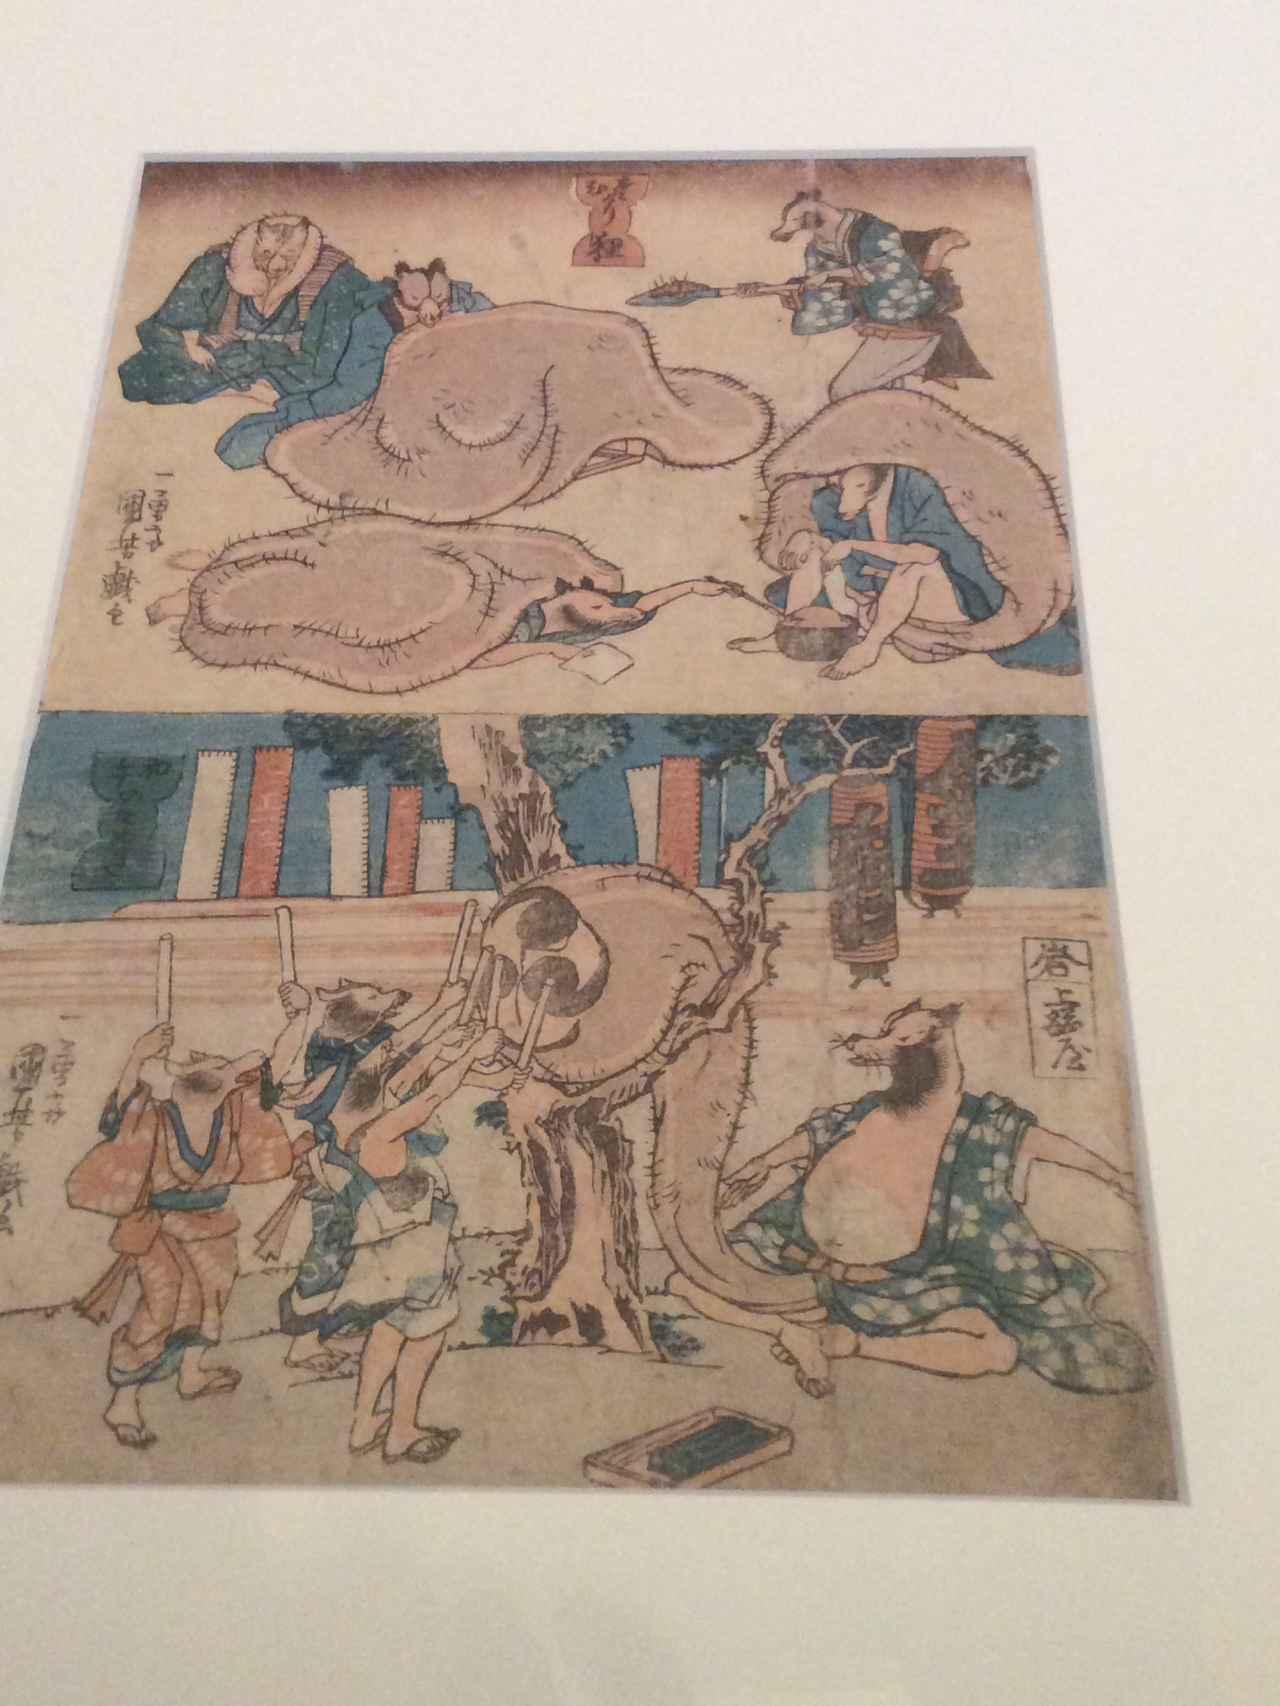 画像: 歌川国芳 「さむがり狸 初午のたぬき」 大判絵巻 国際日本文化研究センター蔵 《1期》 photo©︎cinefil